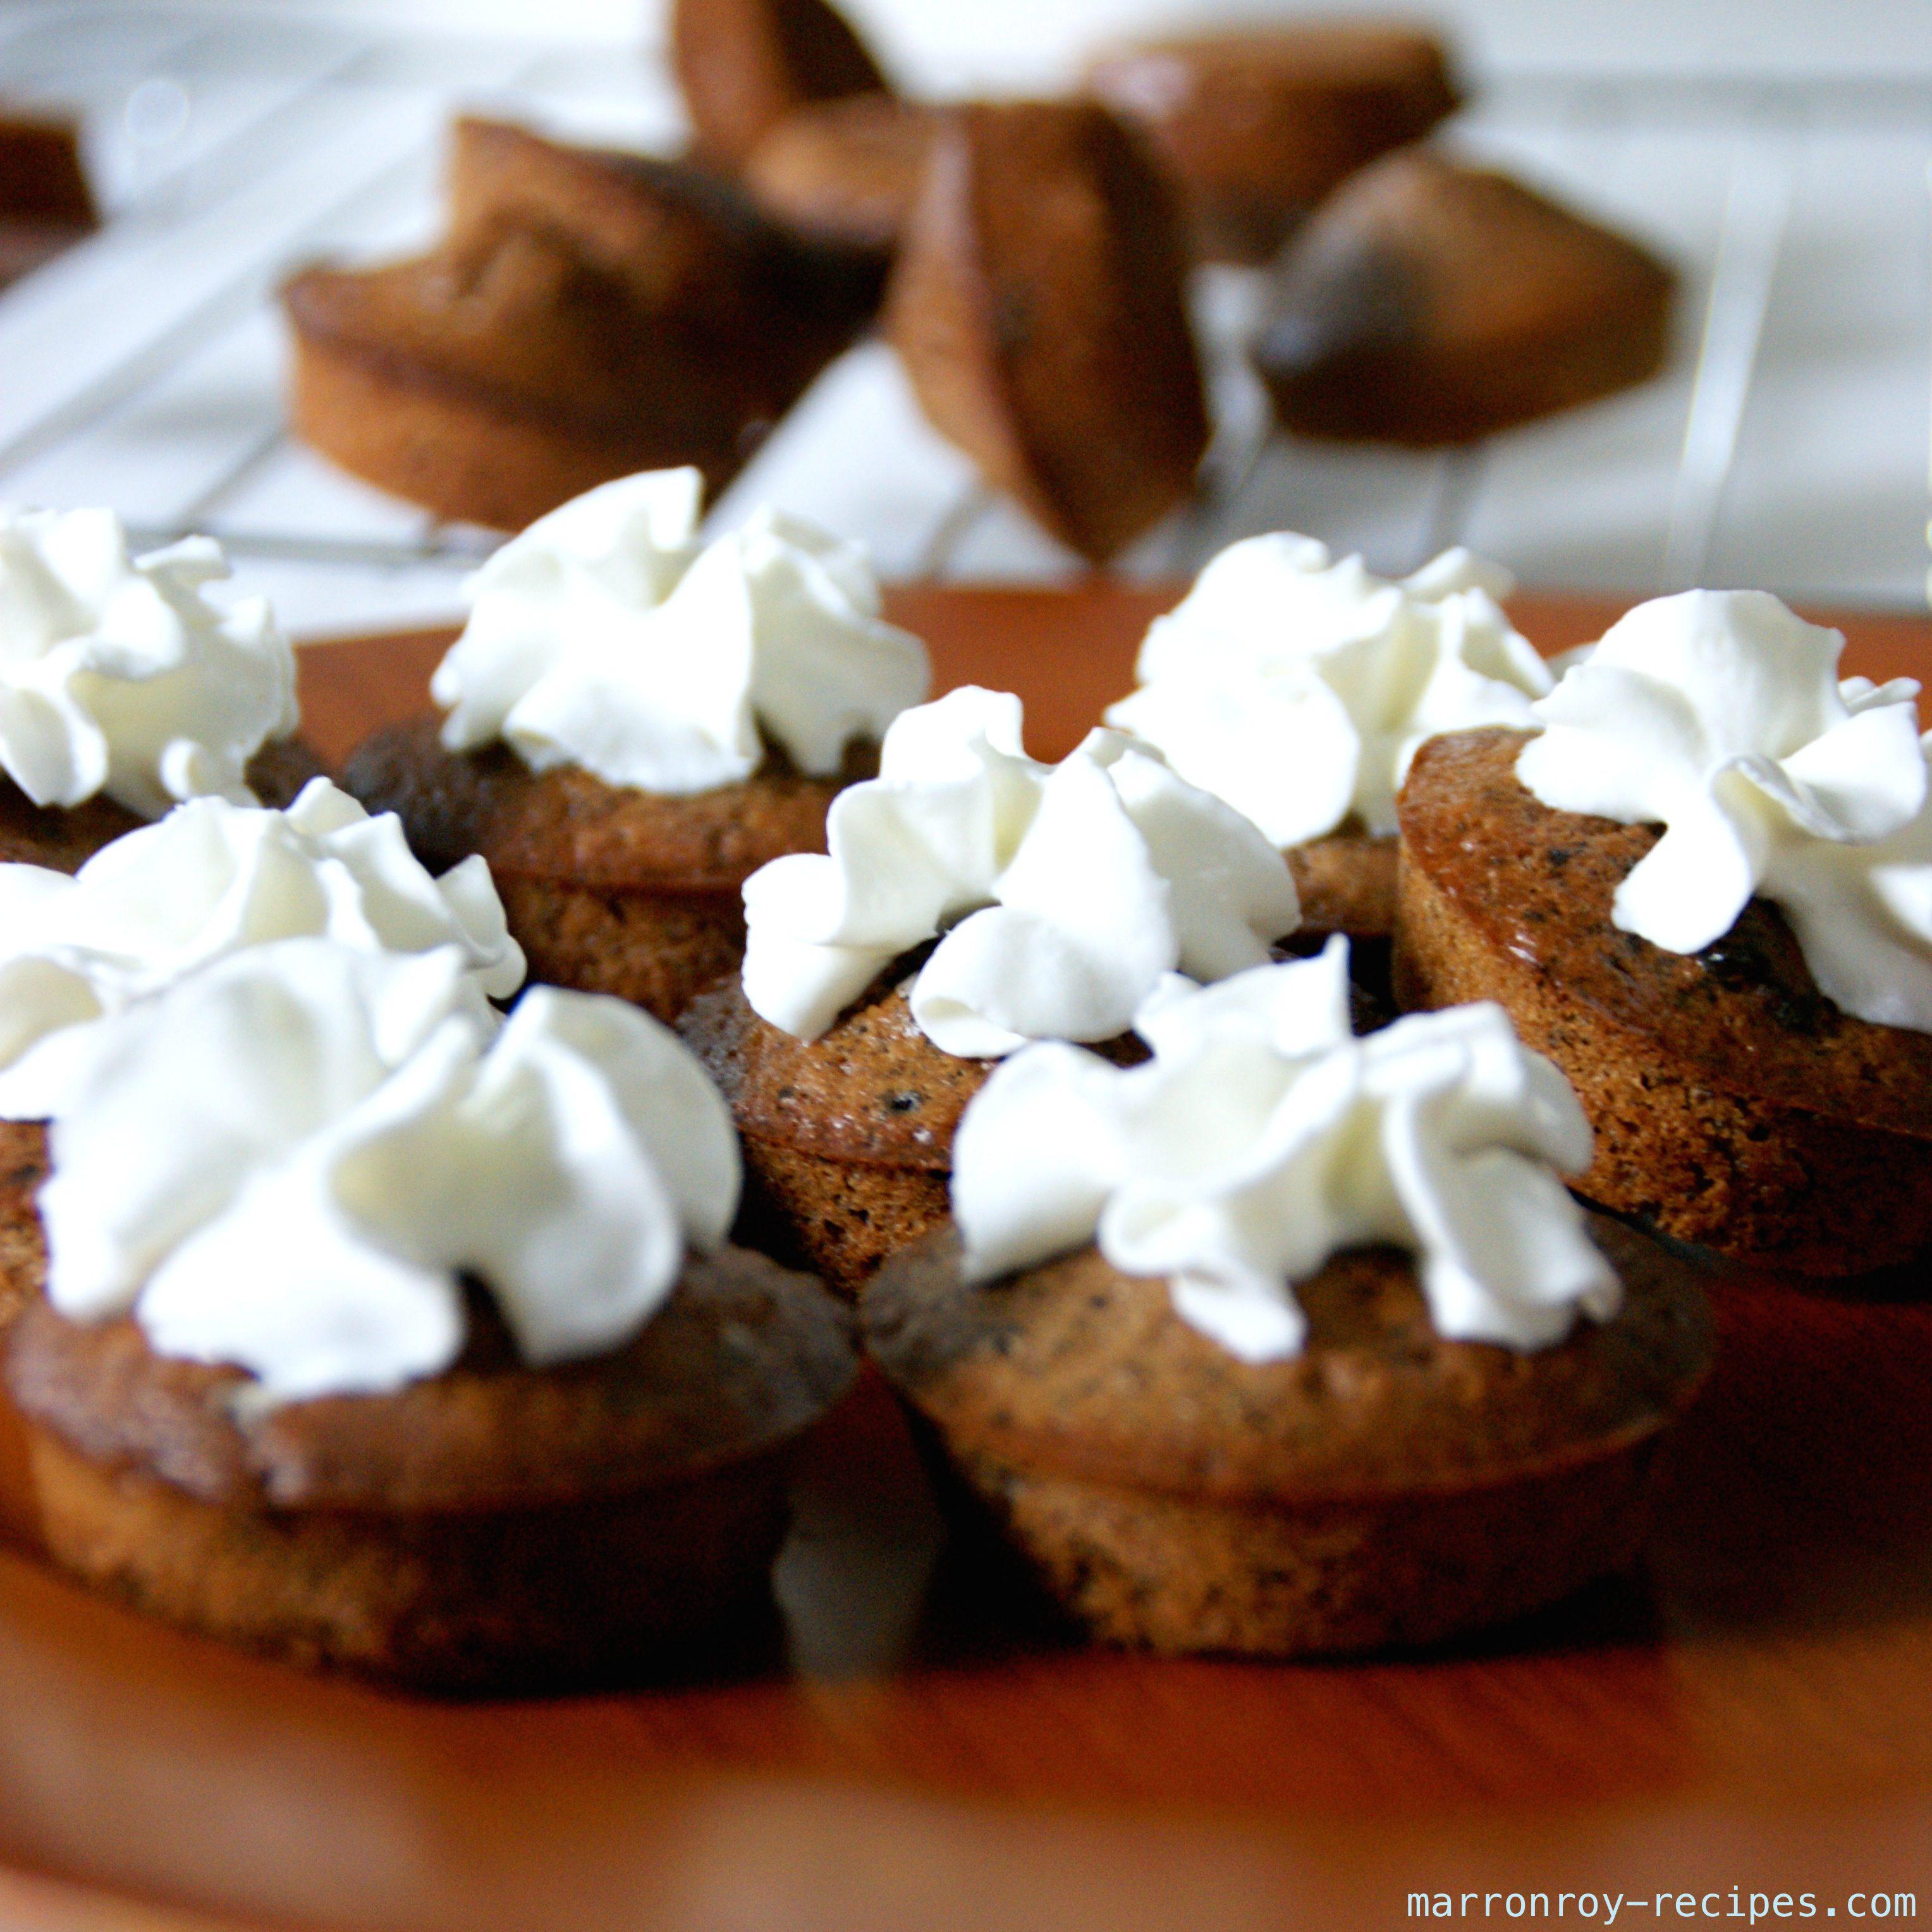 スイスミス活用レシピ!ホットケーキミックス(バターミルク)で簡単プチチョコケーキ作り